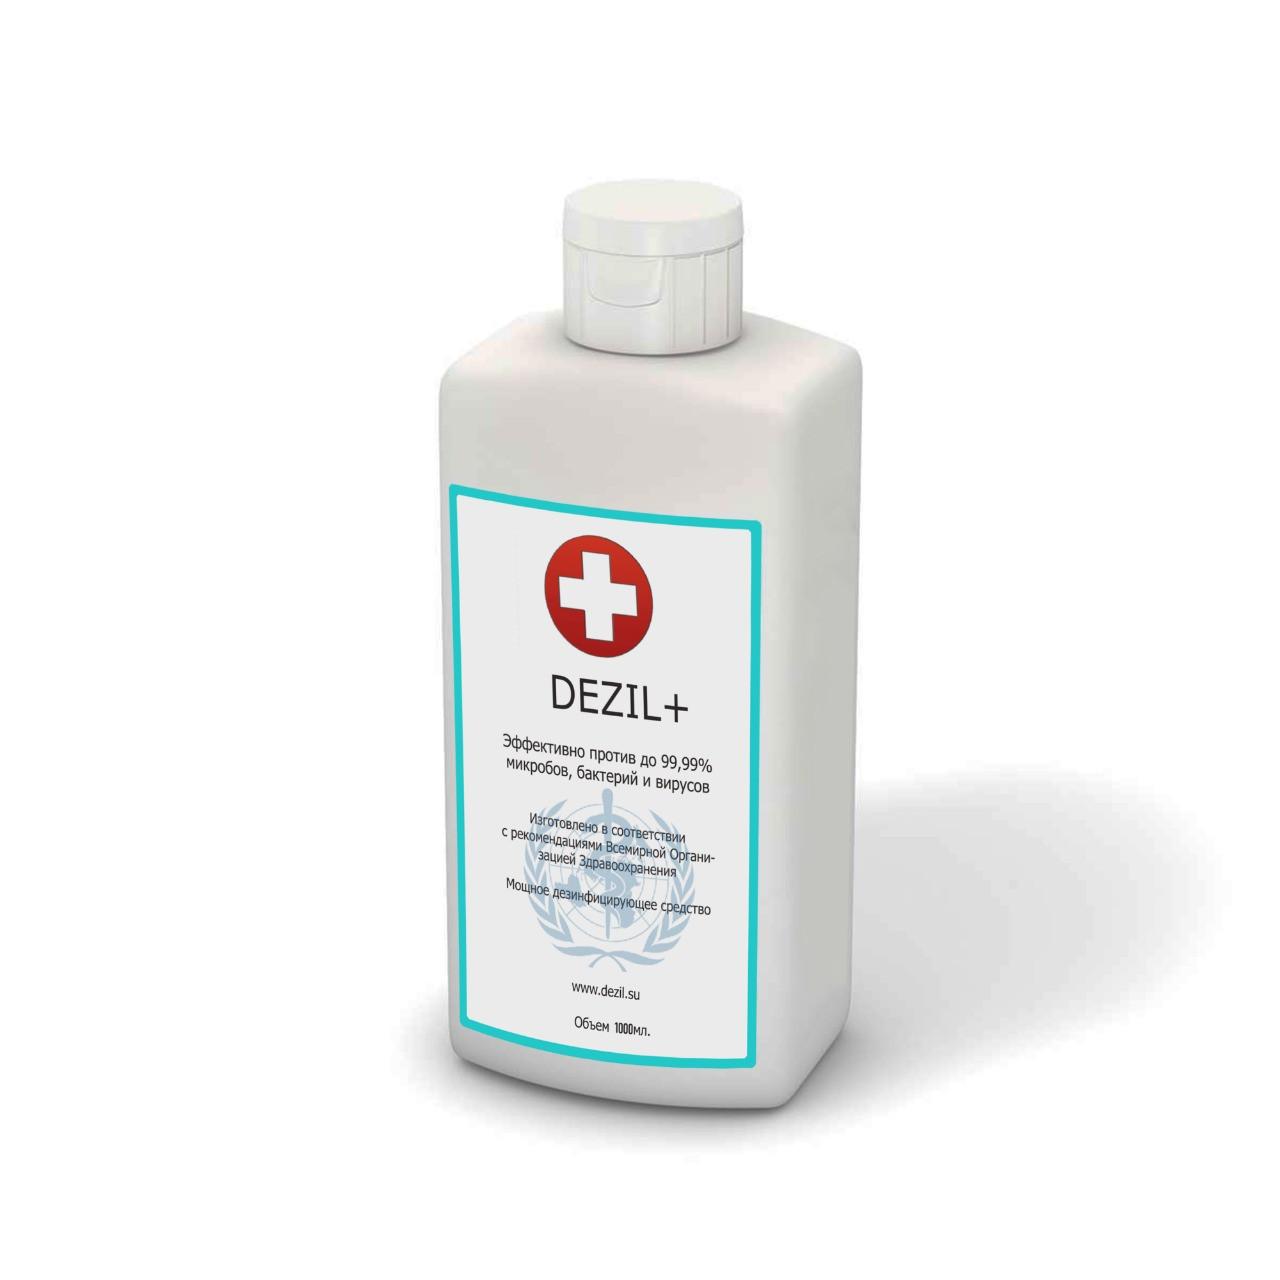 Средство дезинфицирующее Dezil Opti 1 литр для антисептической обработки рук и поверхностей